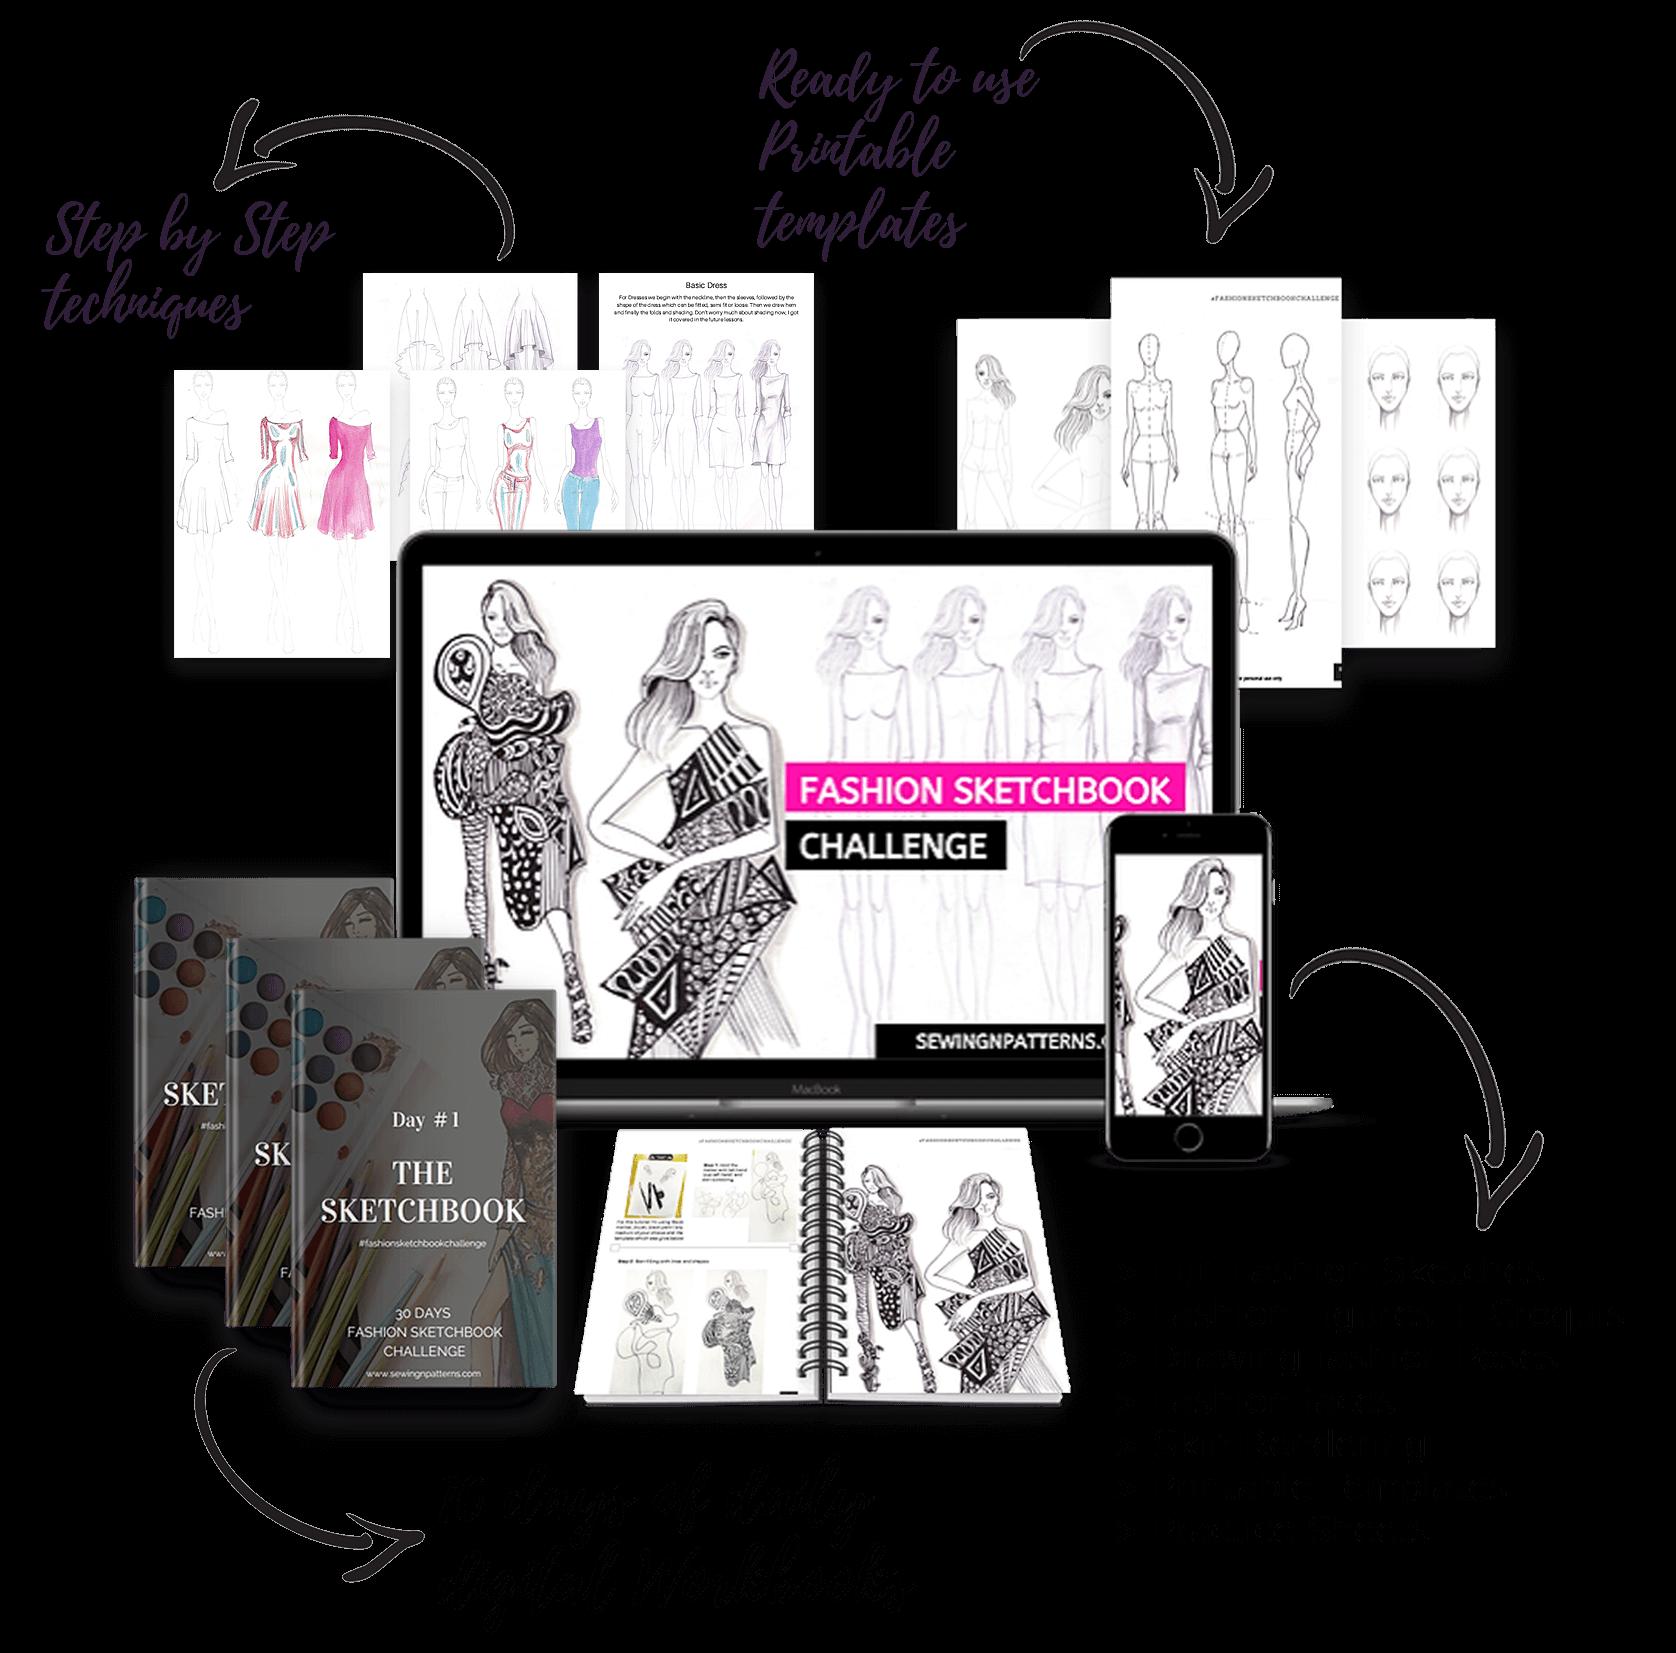 Fashion Sketchboook Challenge New Sewingnpatterns